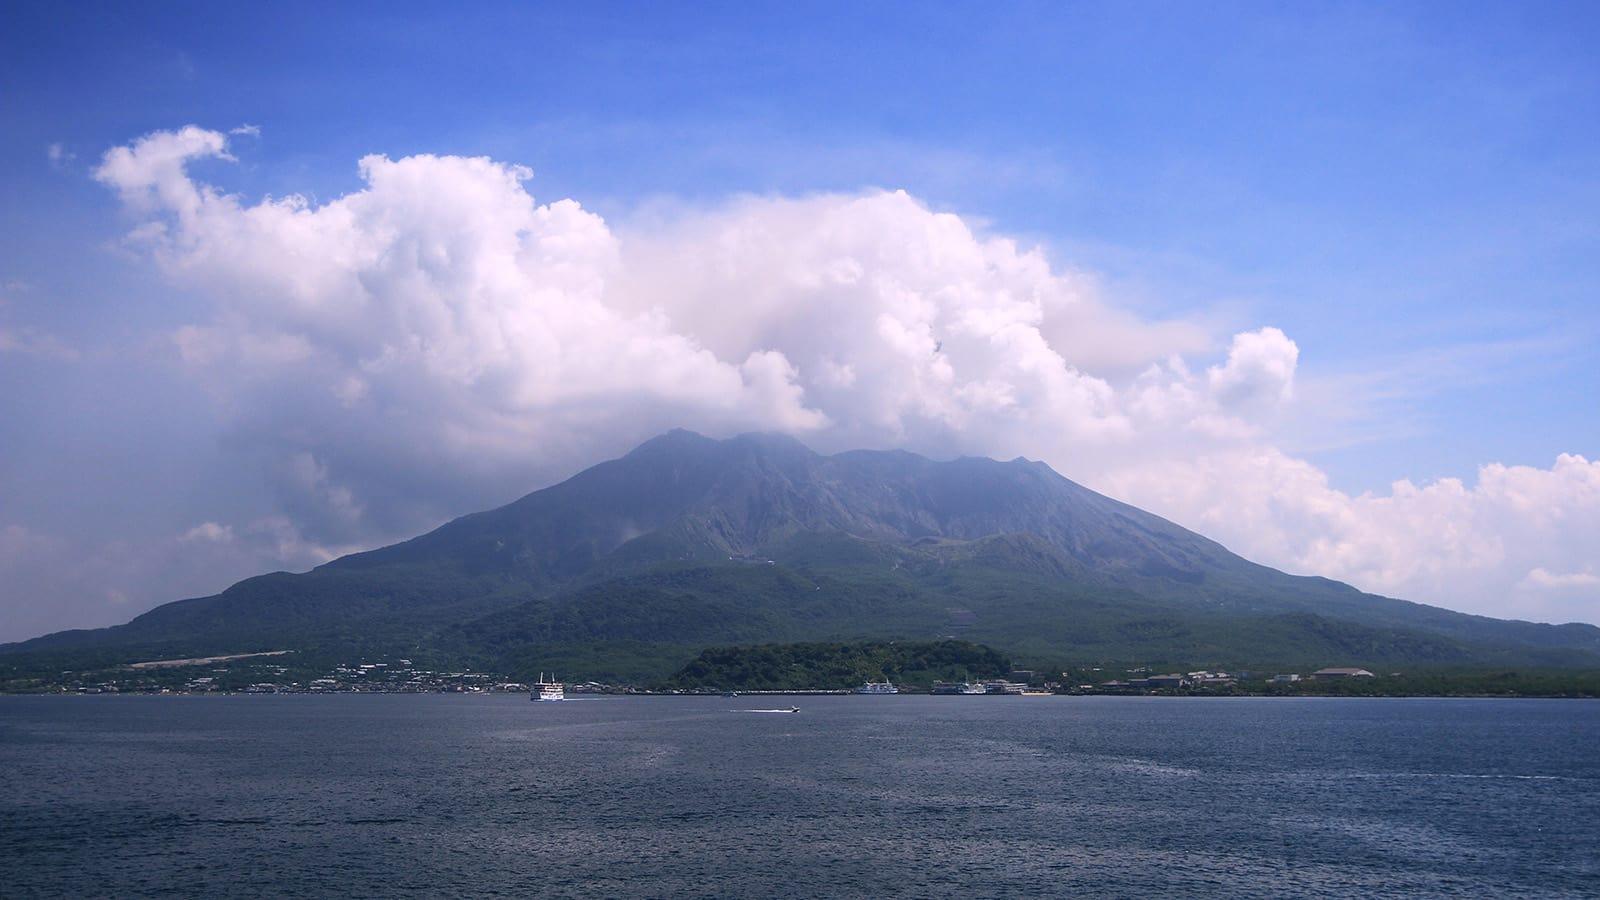 du lịch yakushima - núi lửa ontake